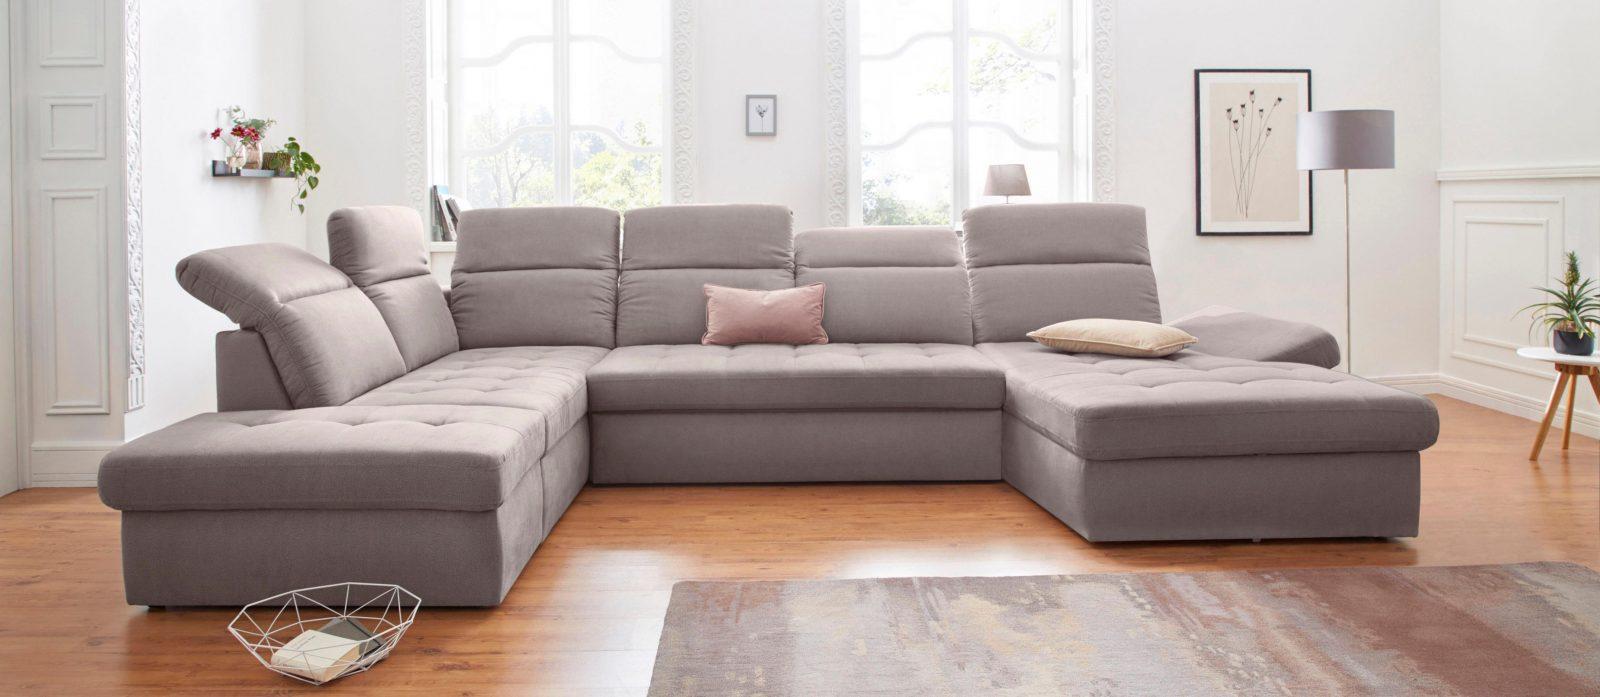 Sit  More Wohnlandschaft Inklusive Kopfteilverstellung – Sofas To Buy von Sit And More Wohnlandschaft Photo